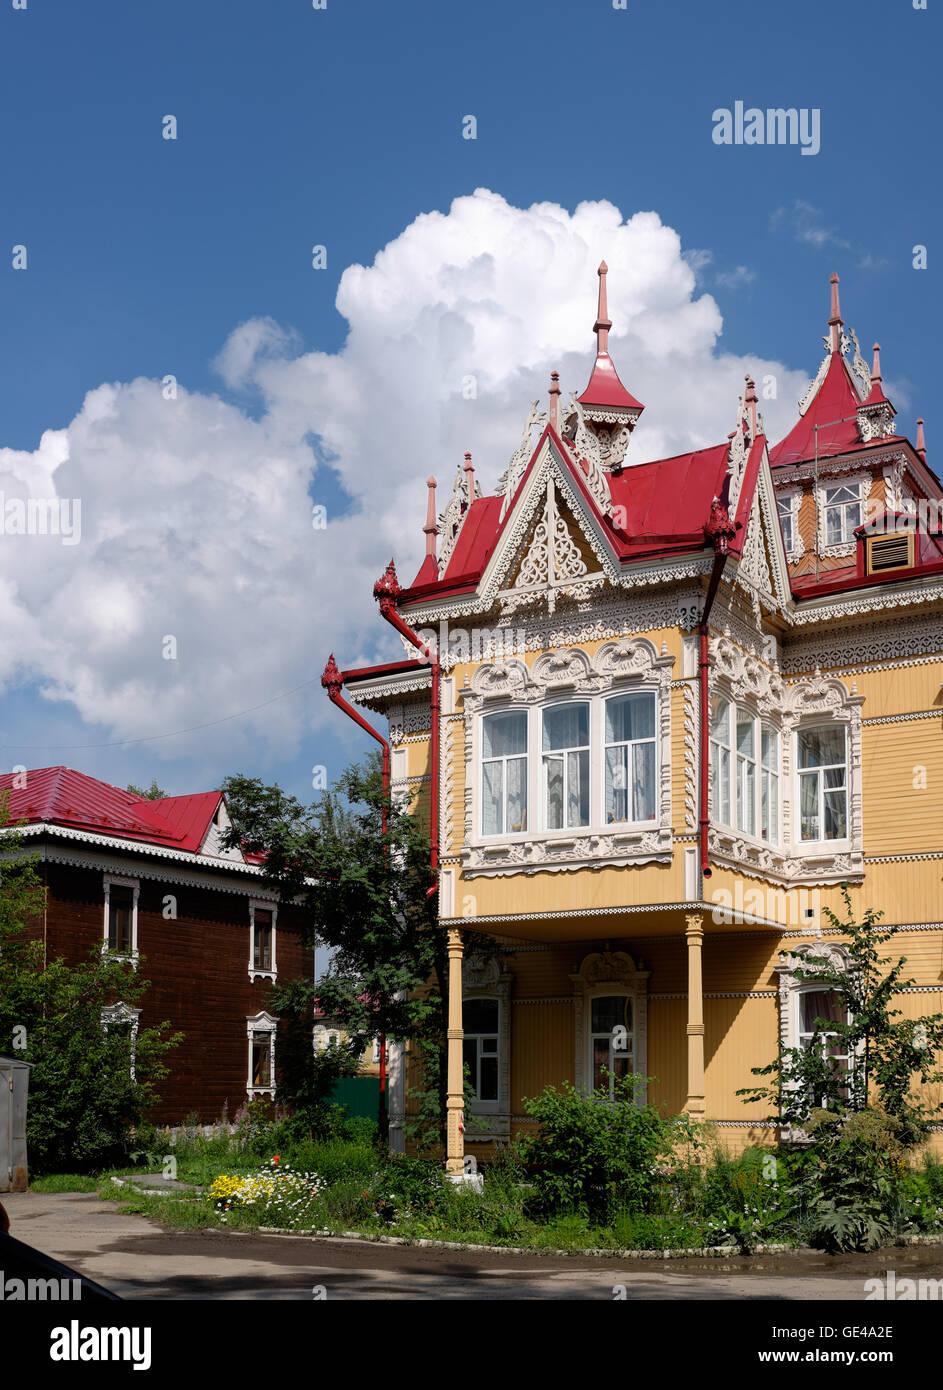 Eines der schönsten Holzhäuser in Russland. Die Perle der ...